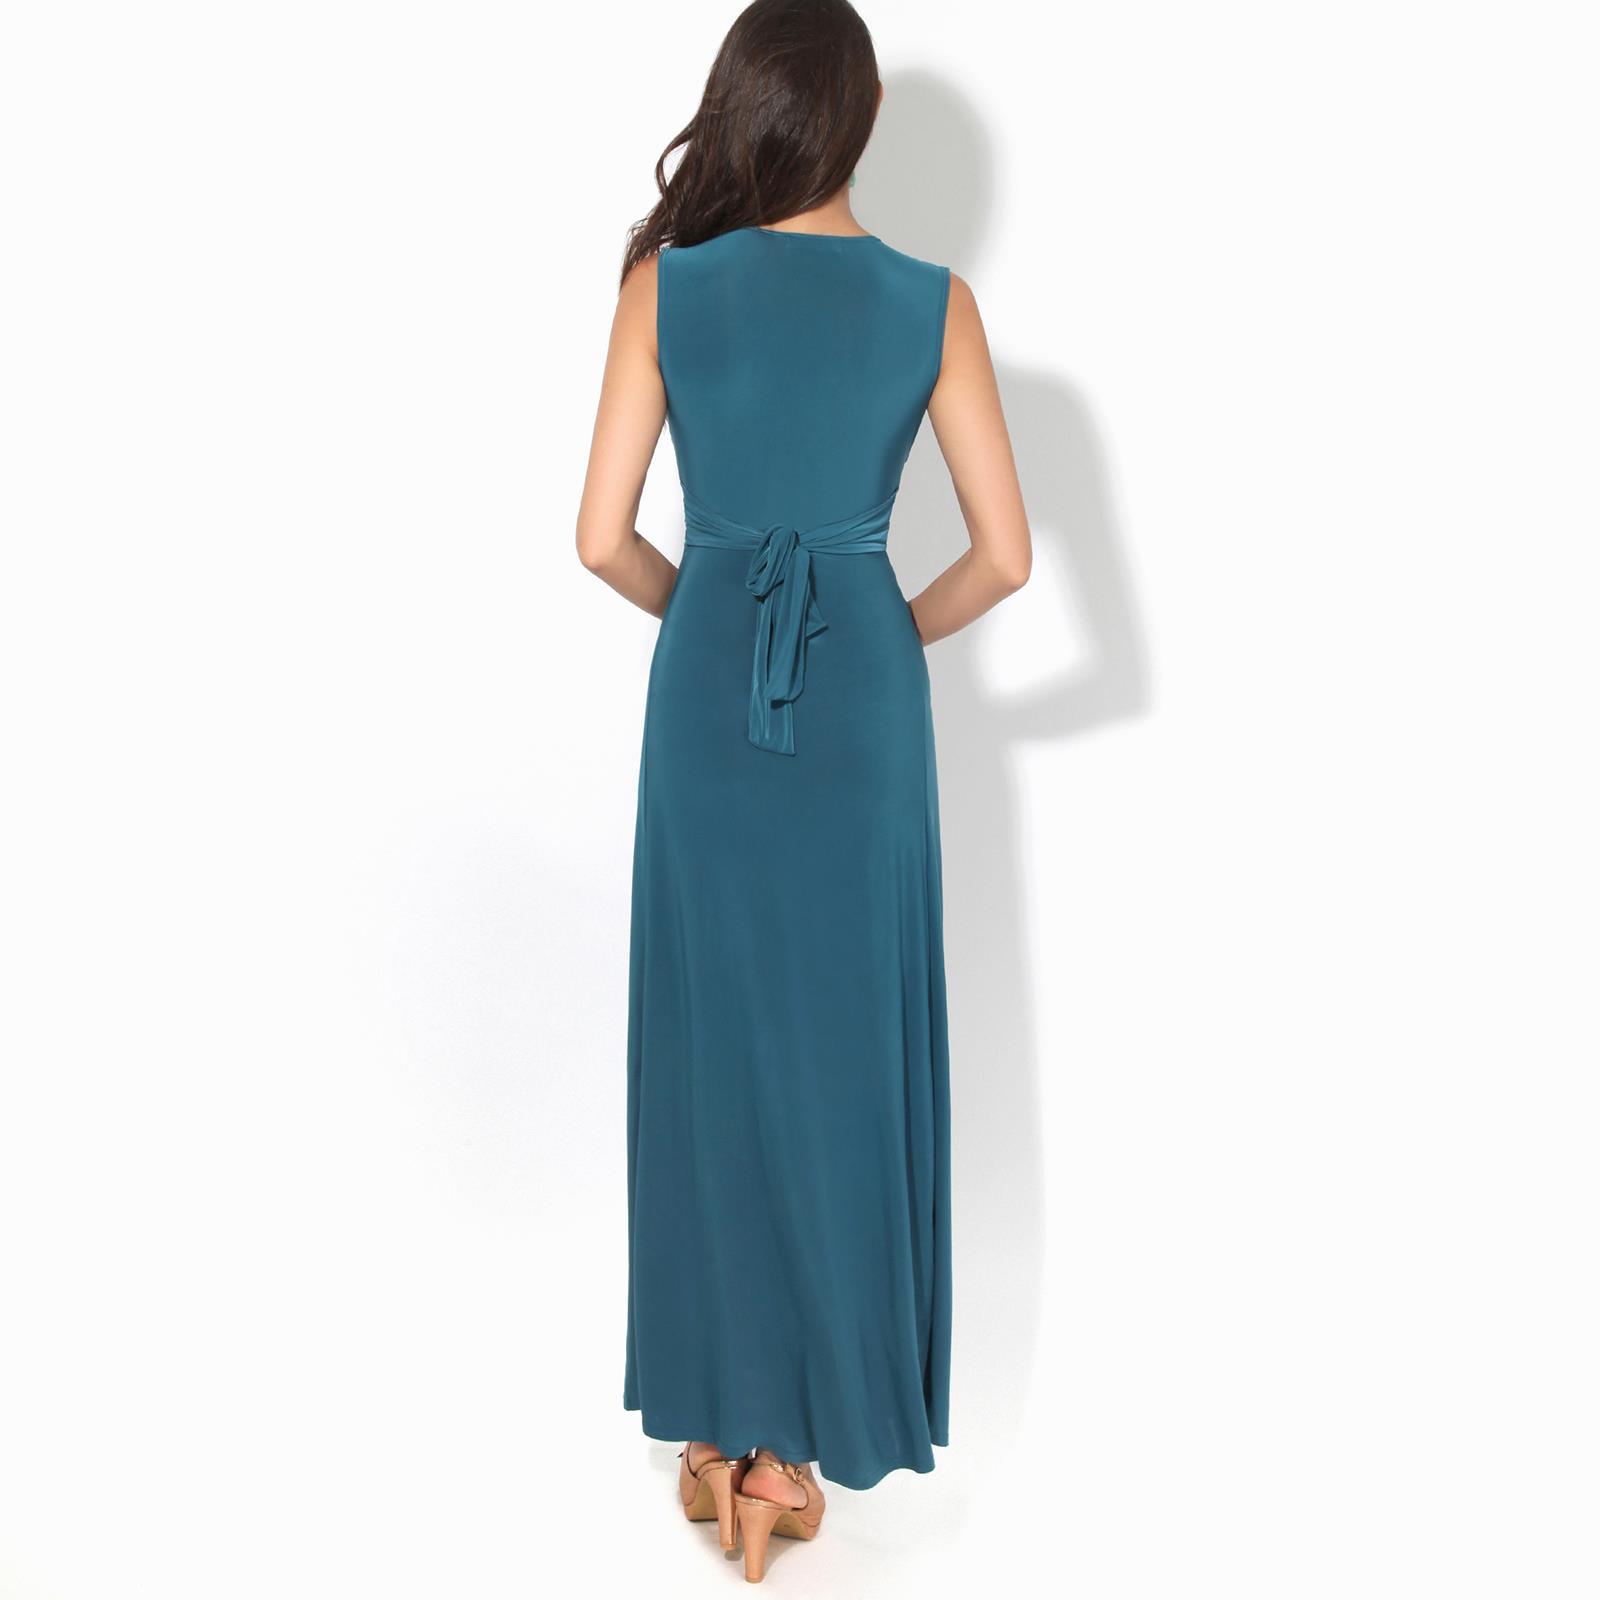 Womens-Ladies-Boho-Long-Maxi-Dress-Knot-V-Neck-Sleeveless-Pleated-Summer-Party thumbnail 13